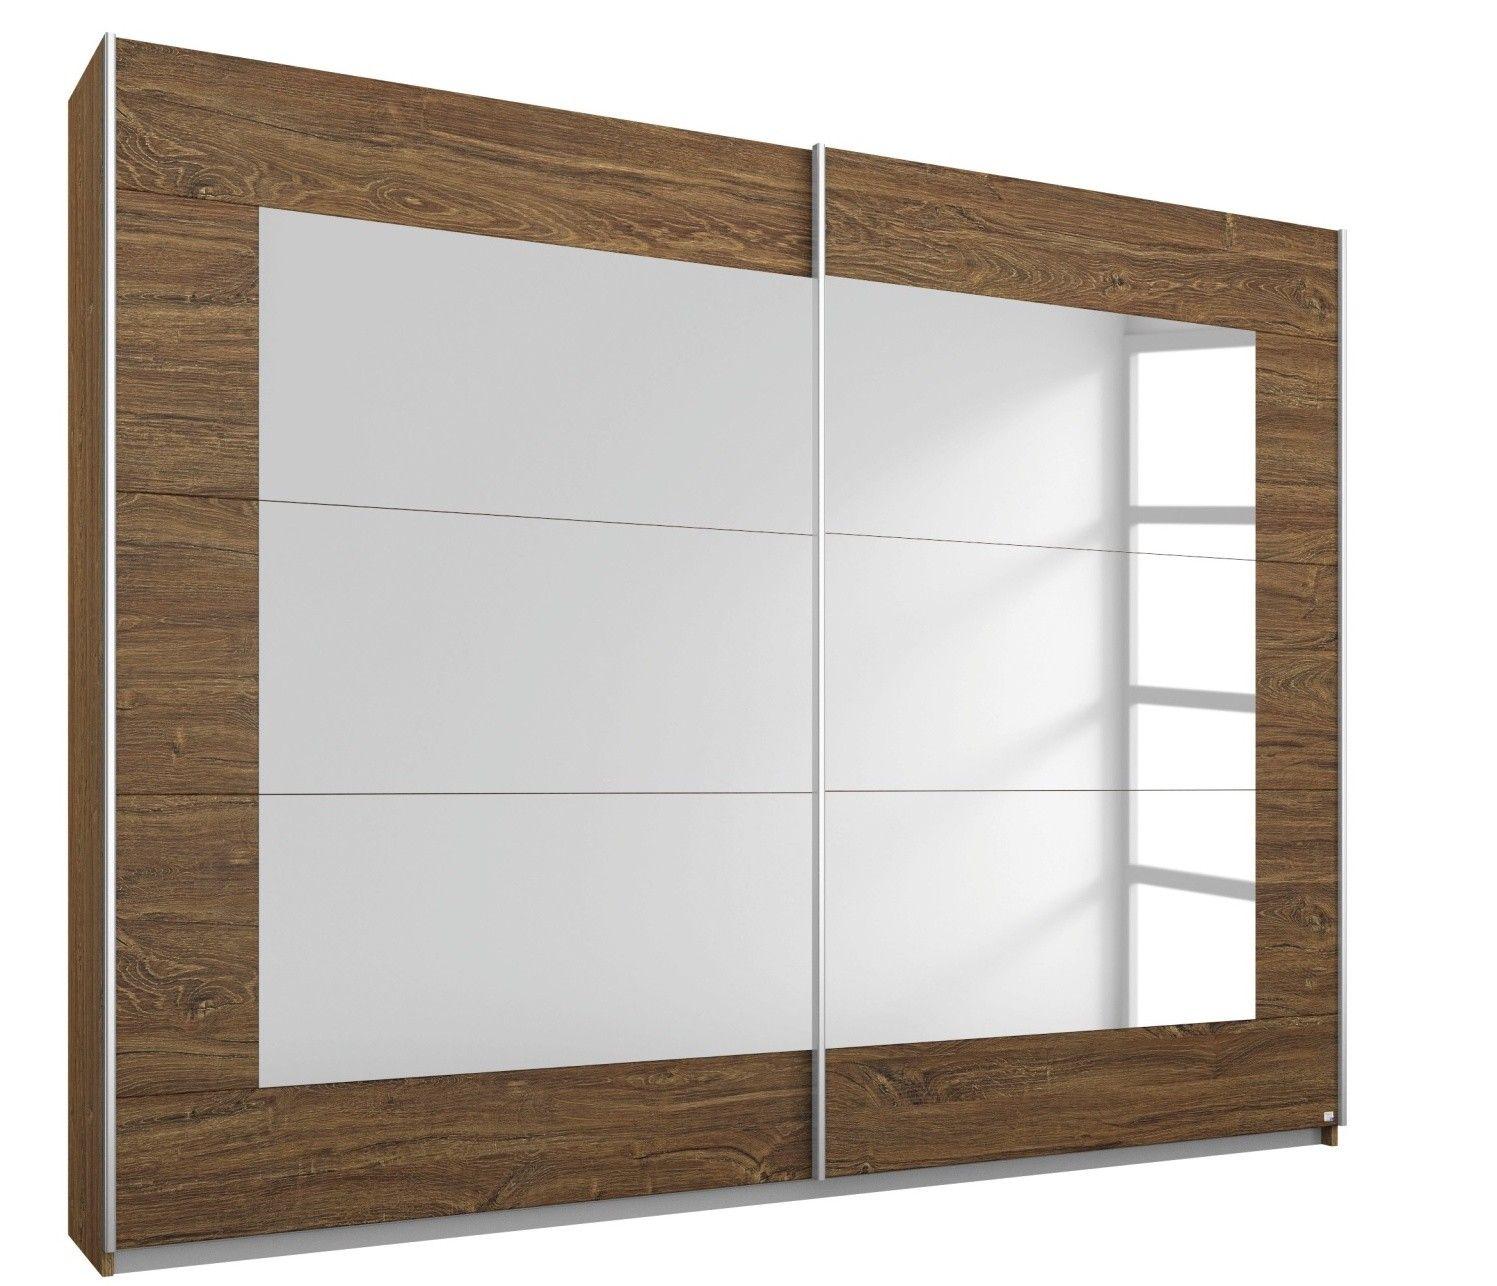 Mobel Select Armoire A Portes Coulissantes Marron Et Miroir Brian 181 Lestendances Fr Porte Coulissante Armoire Miroir